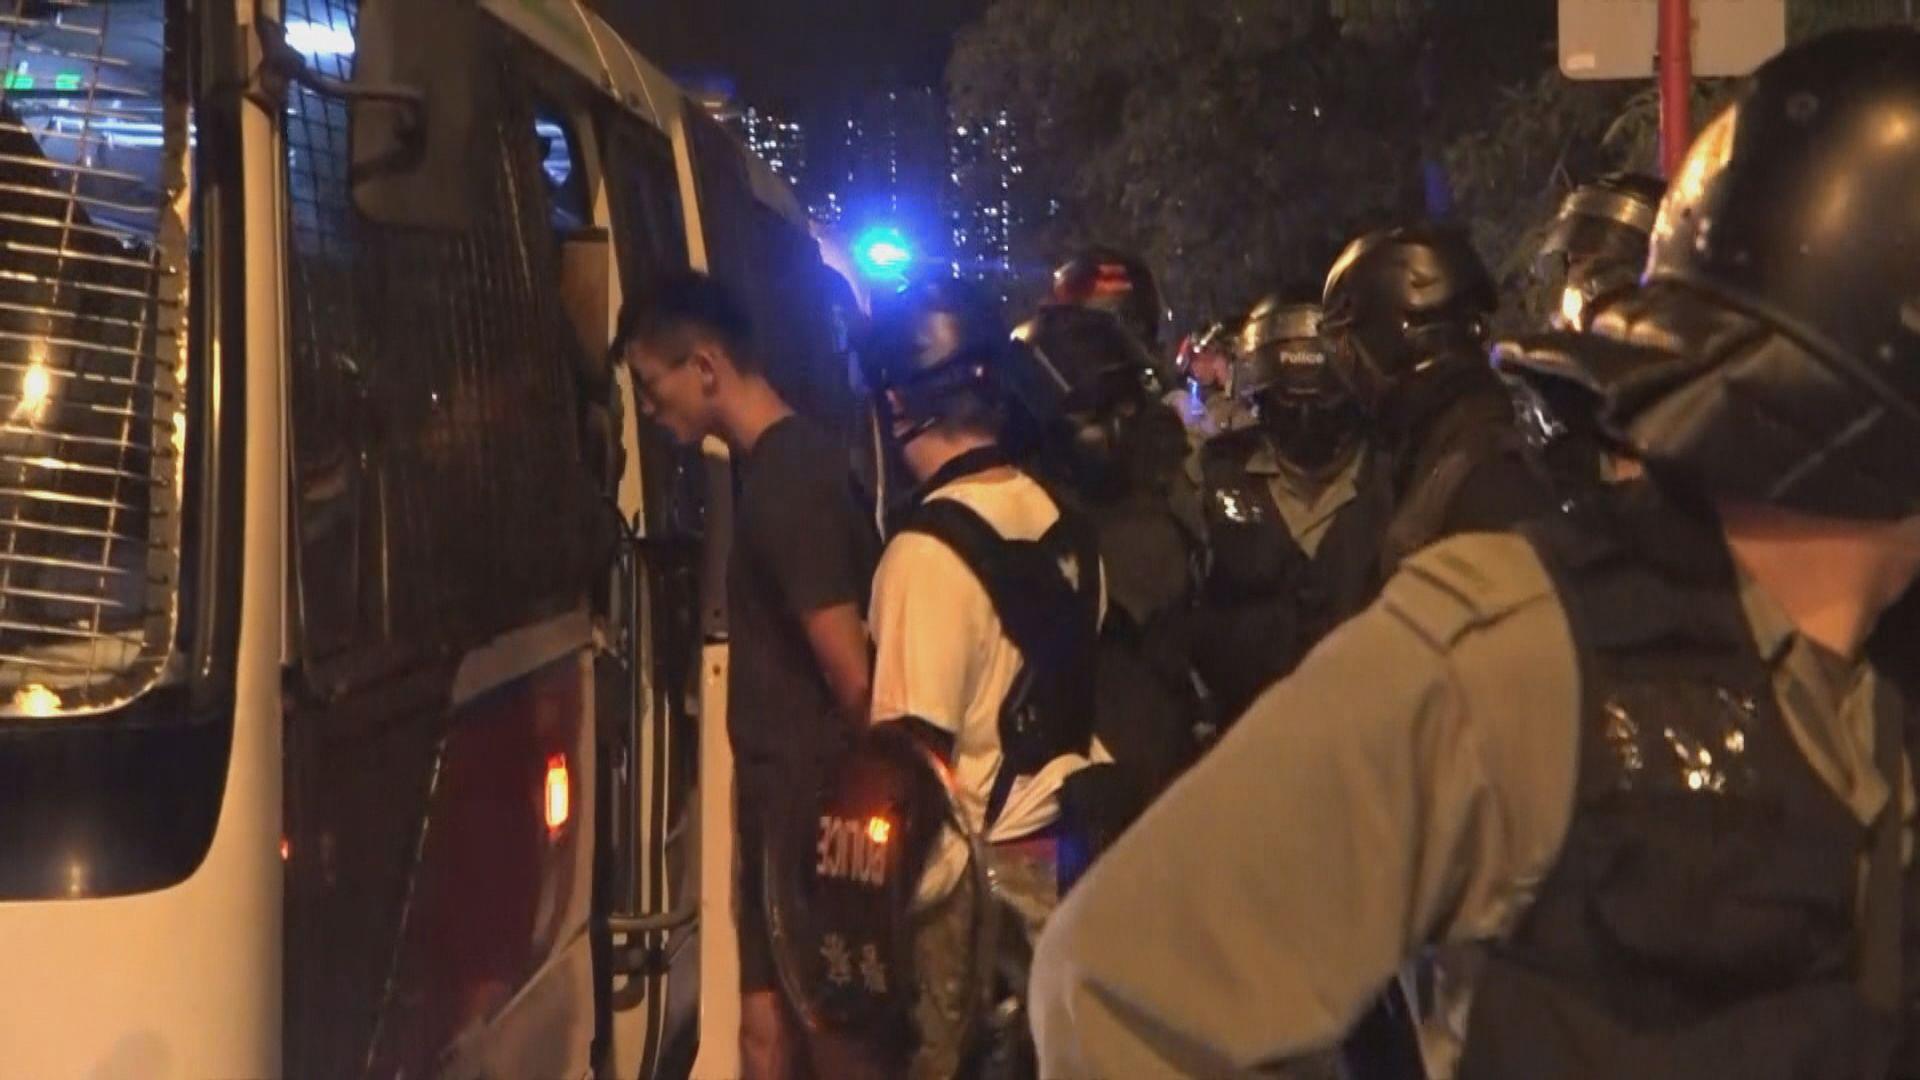 示威者晚上大埔堵路 一男子被帶走